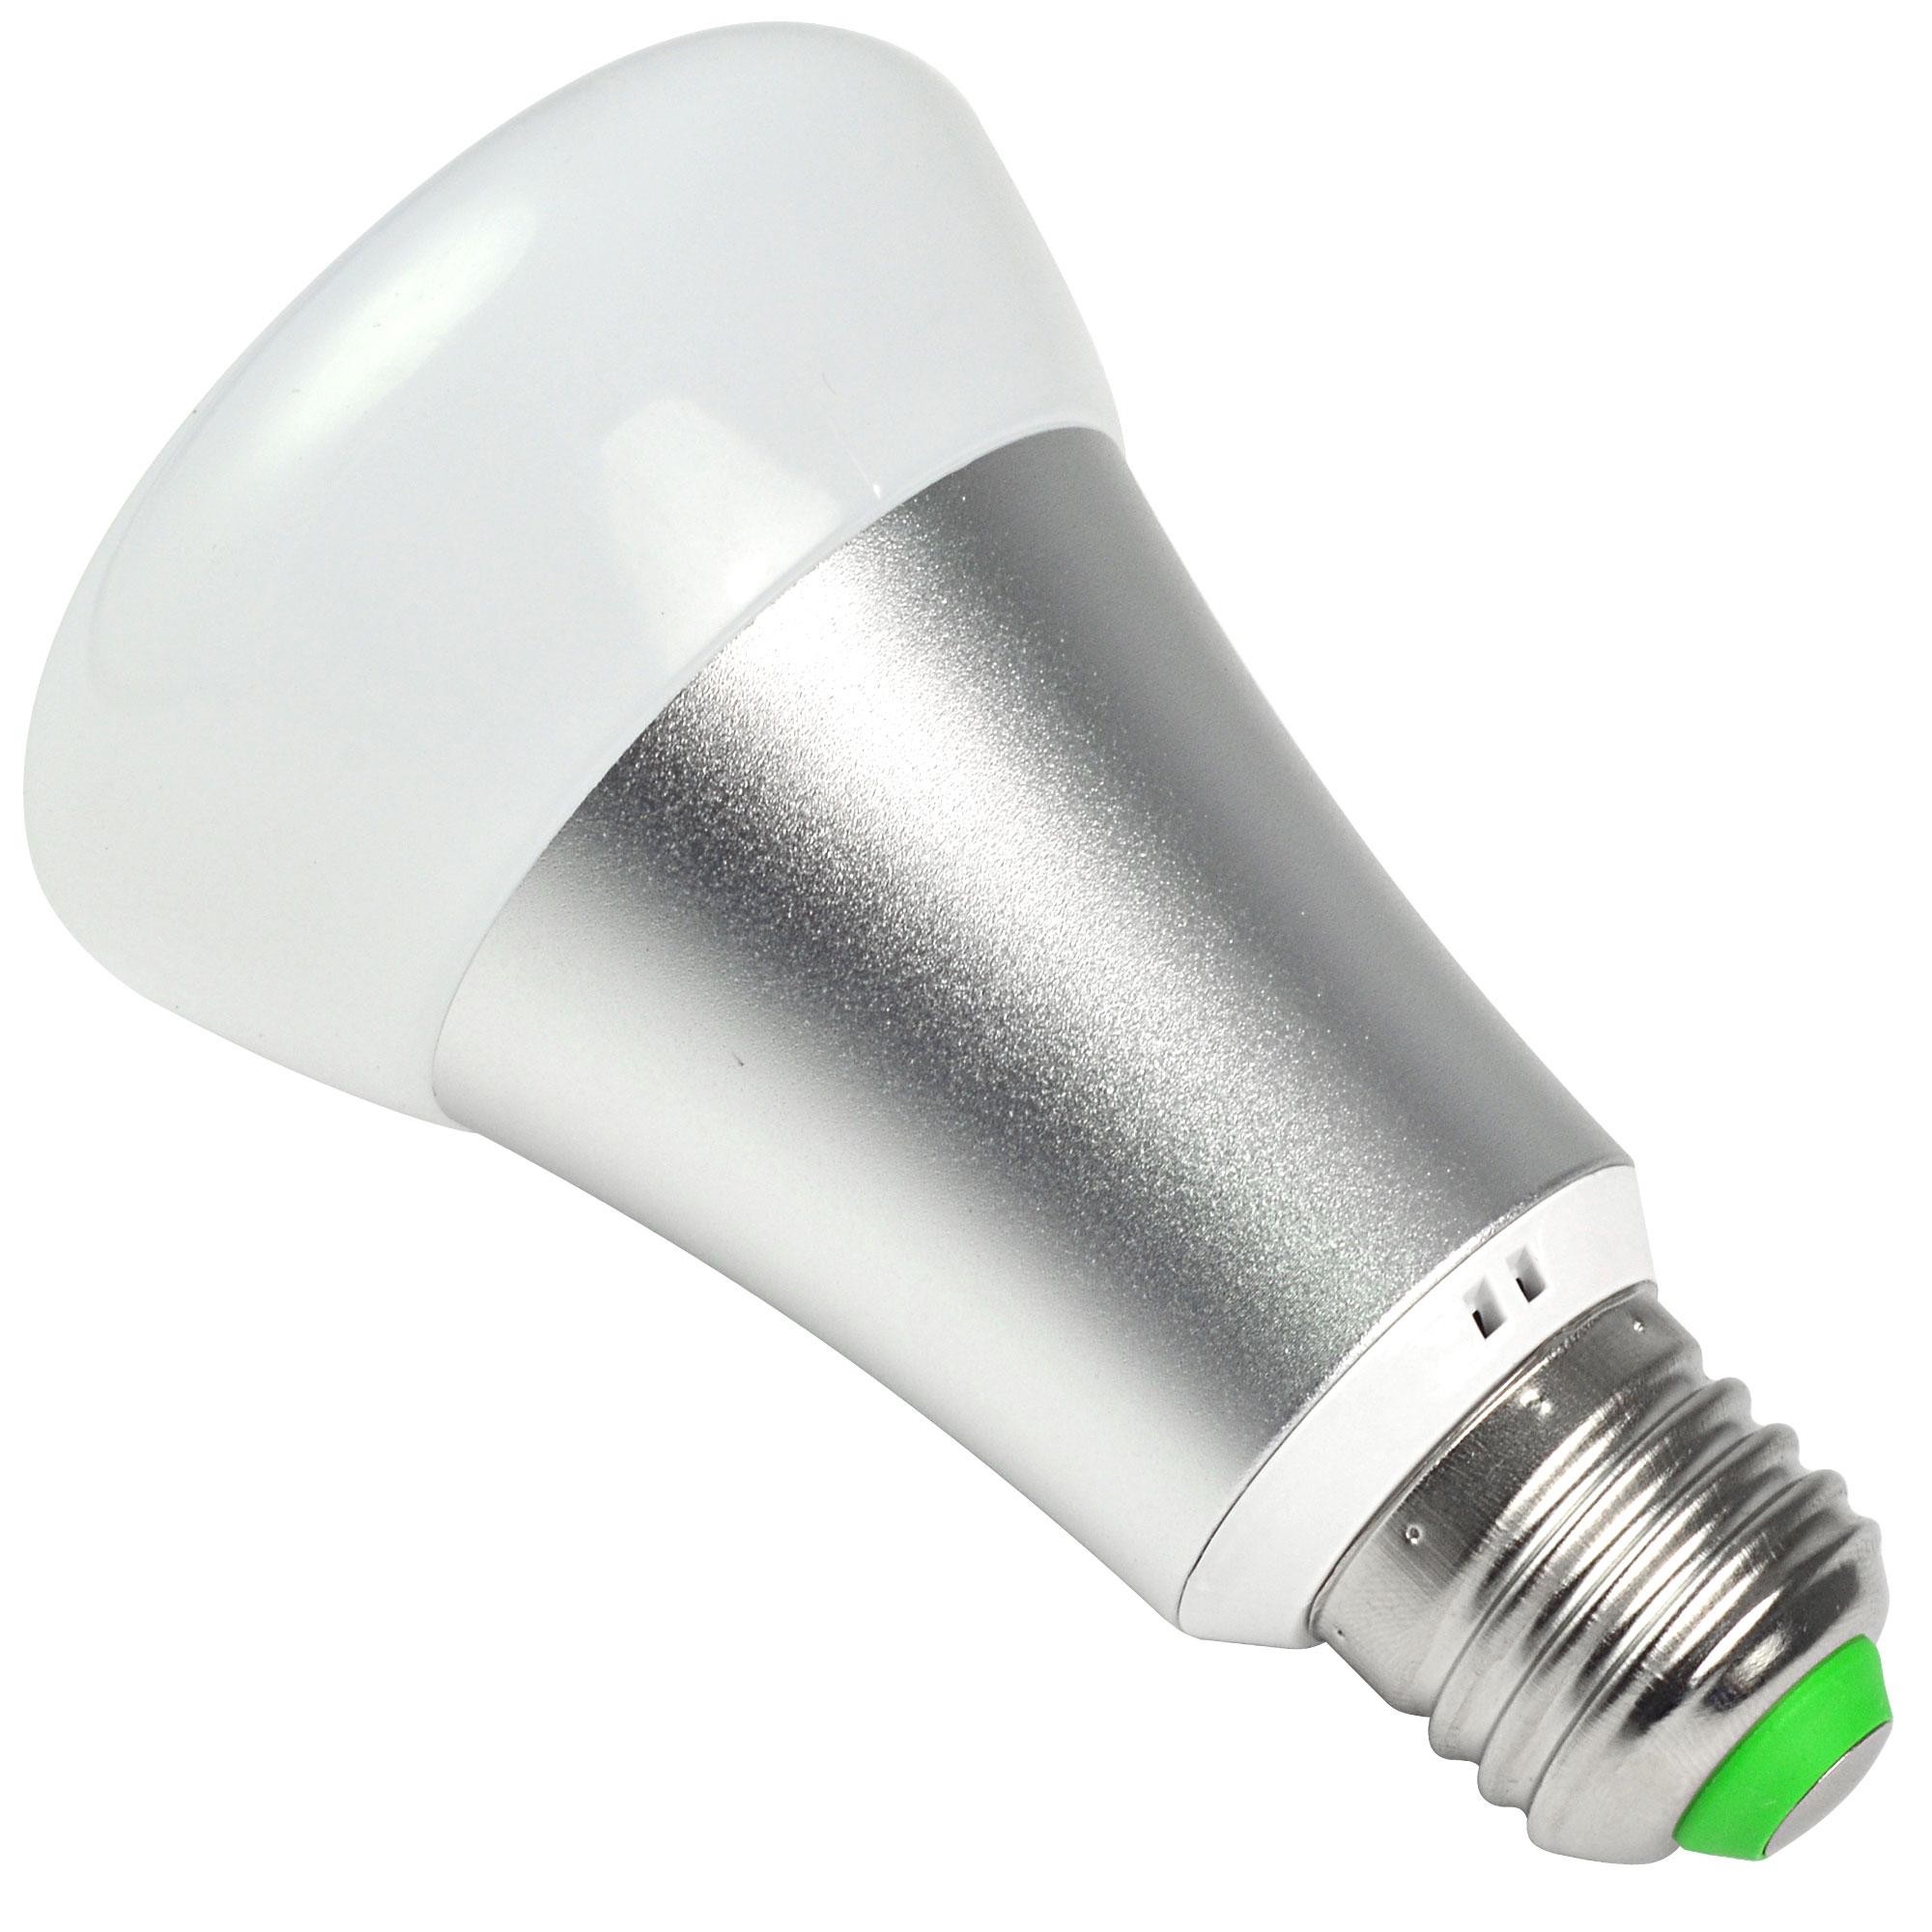 MENGS® E27 10W LED RGB+Cool White Globe Light